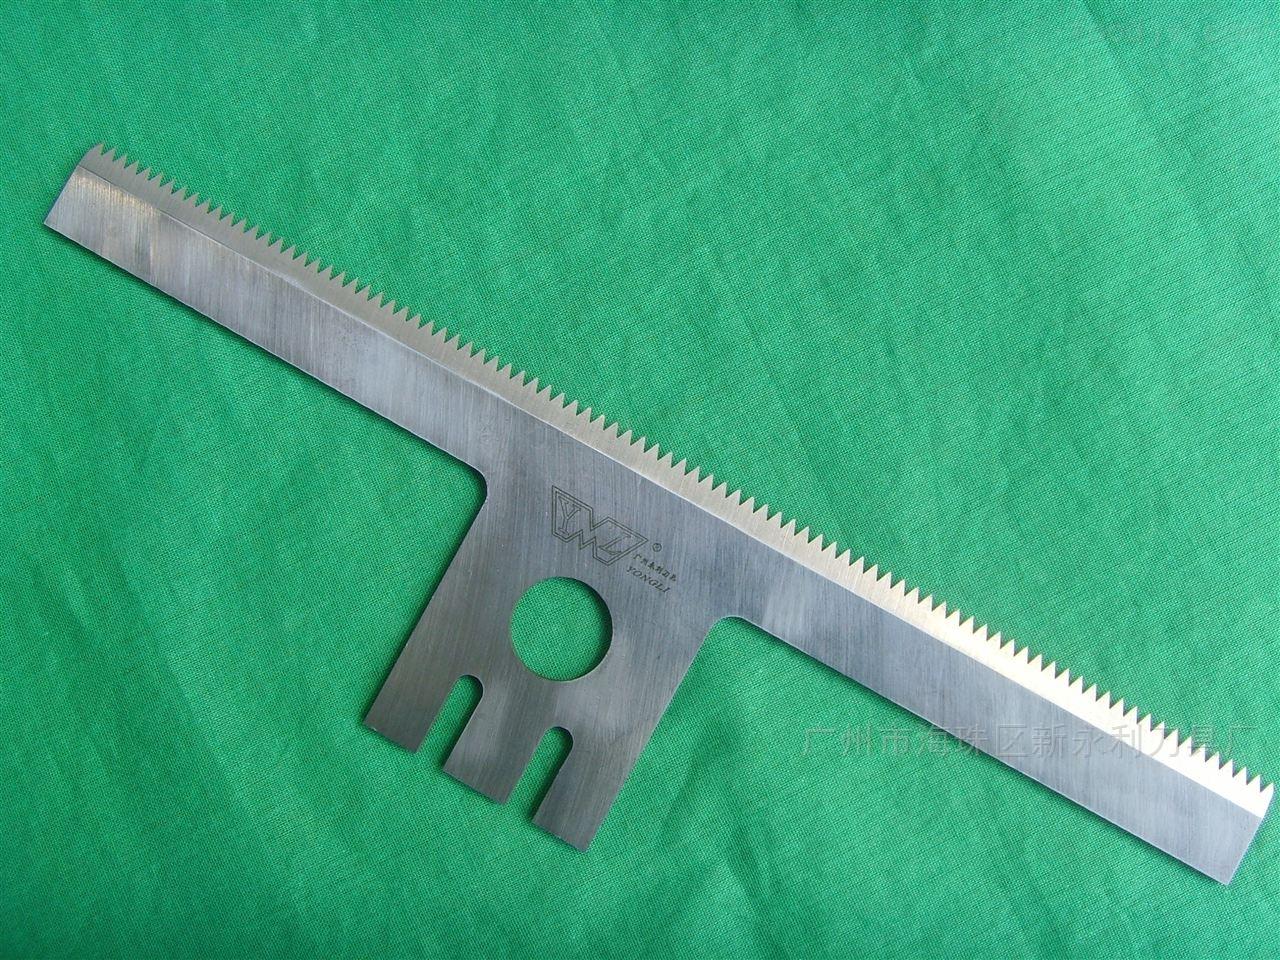 环形切刀厂家